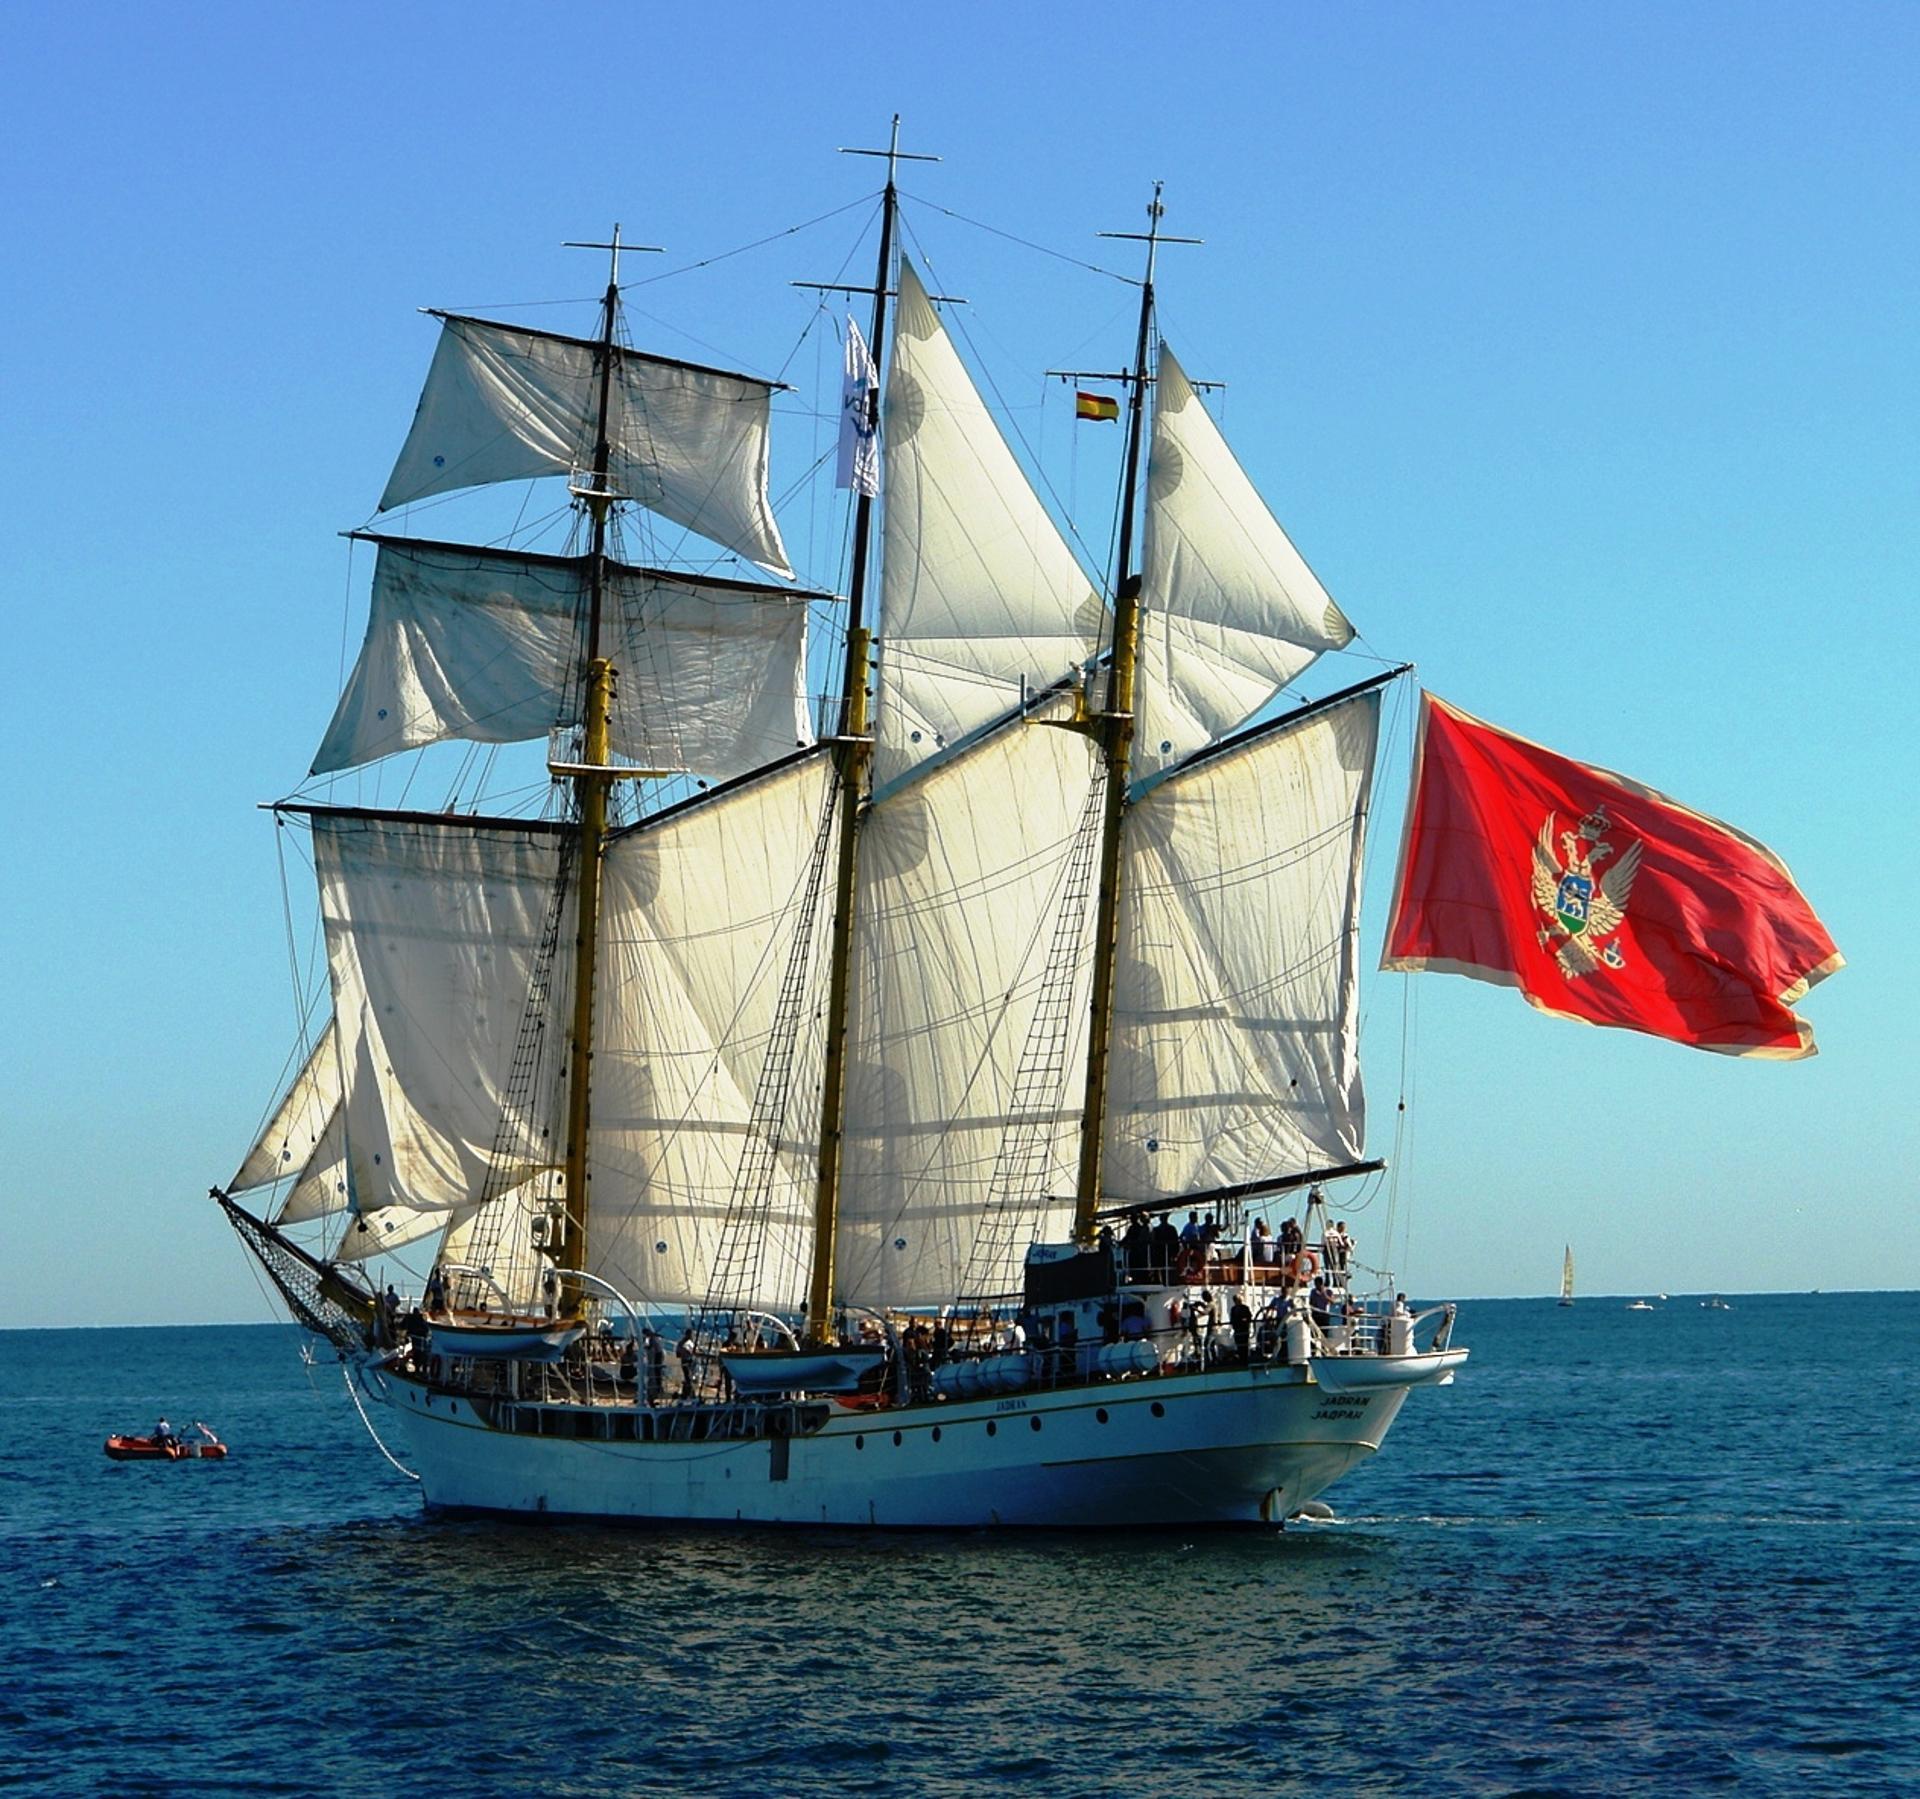 Sailing ship Jadran, Tivat, Montenegro